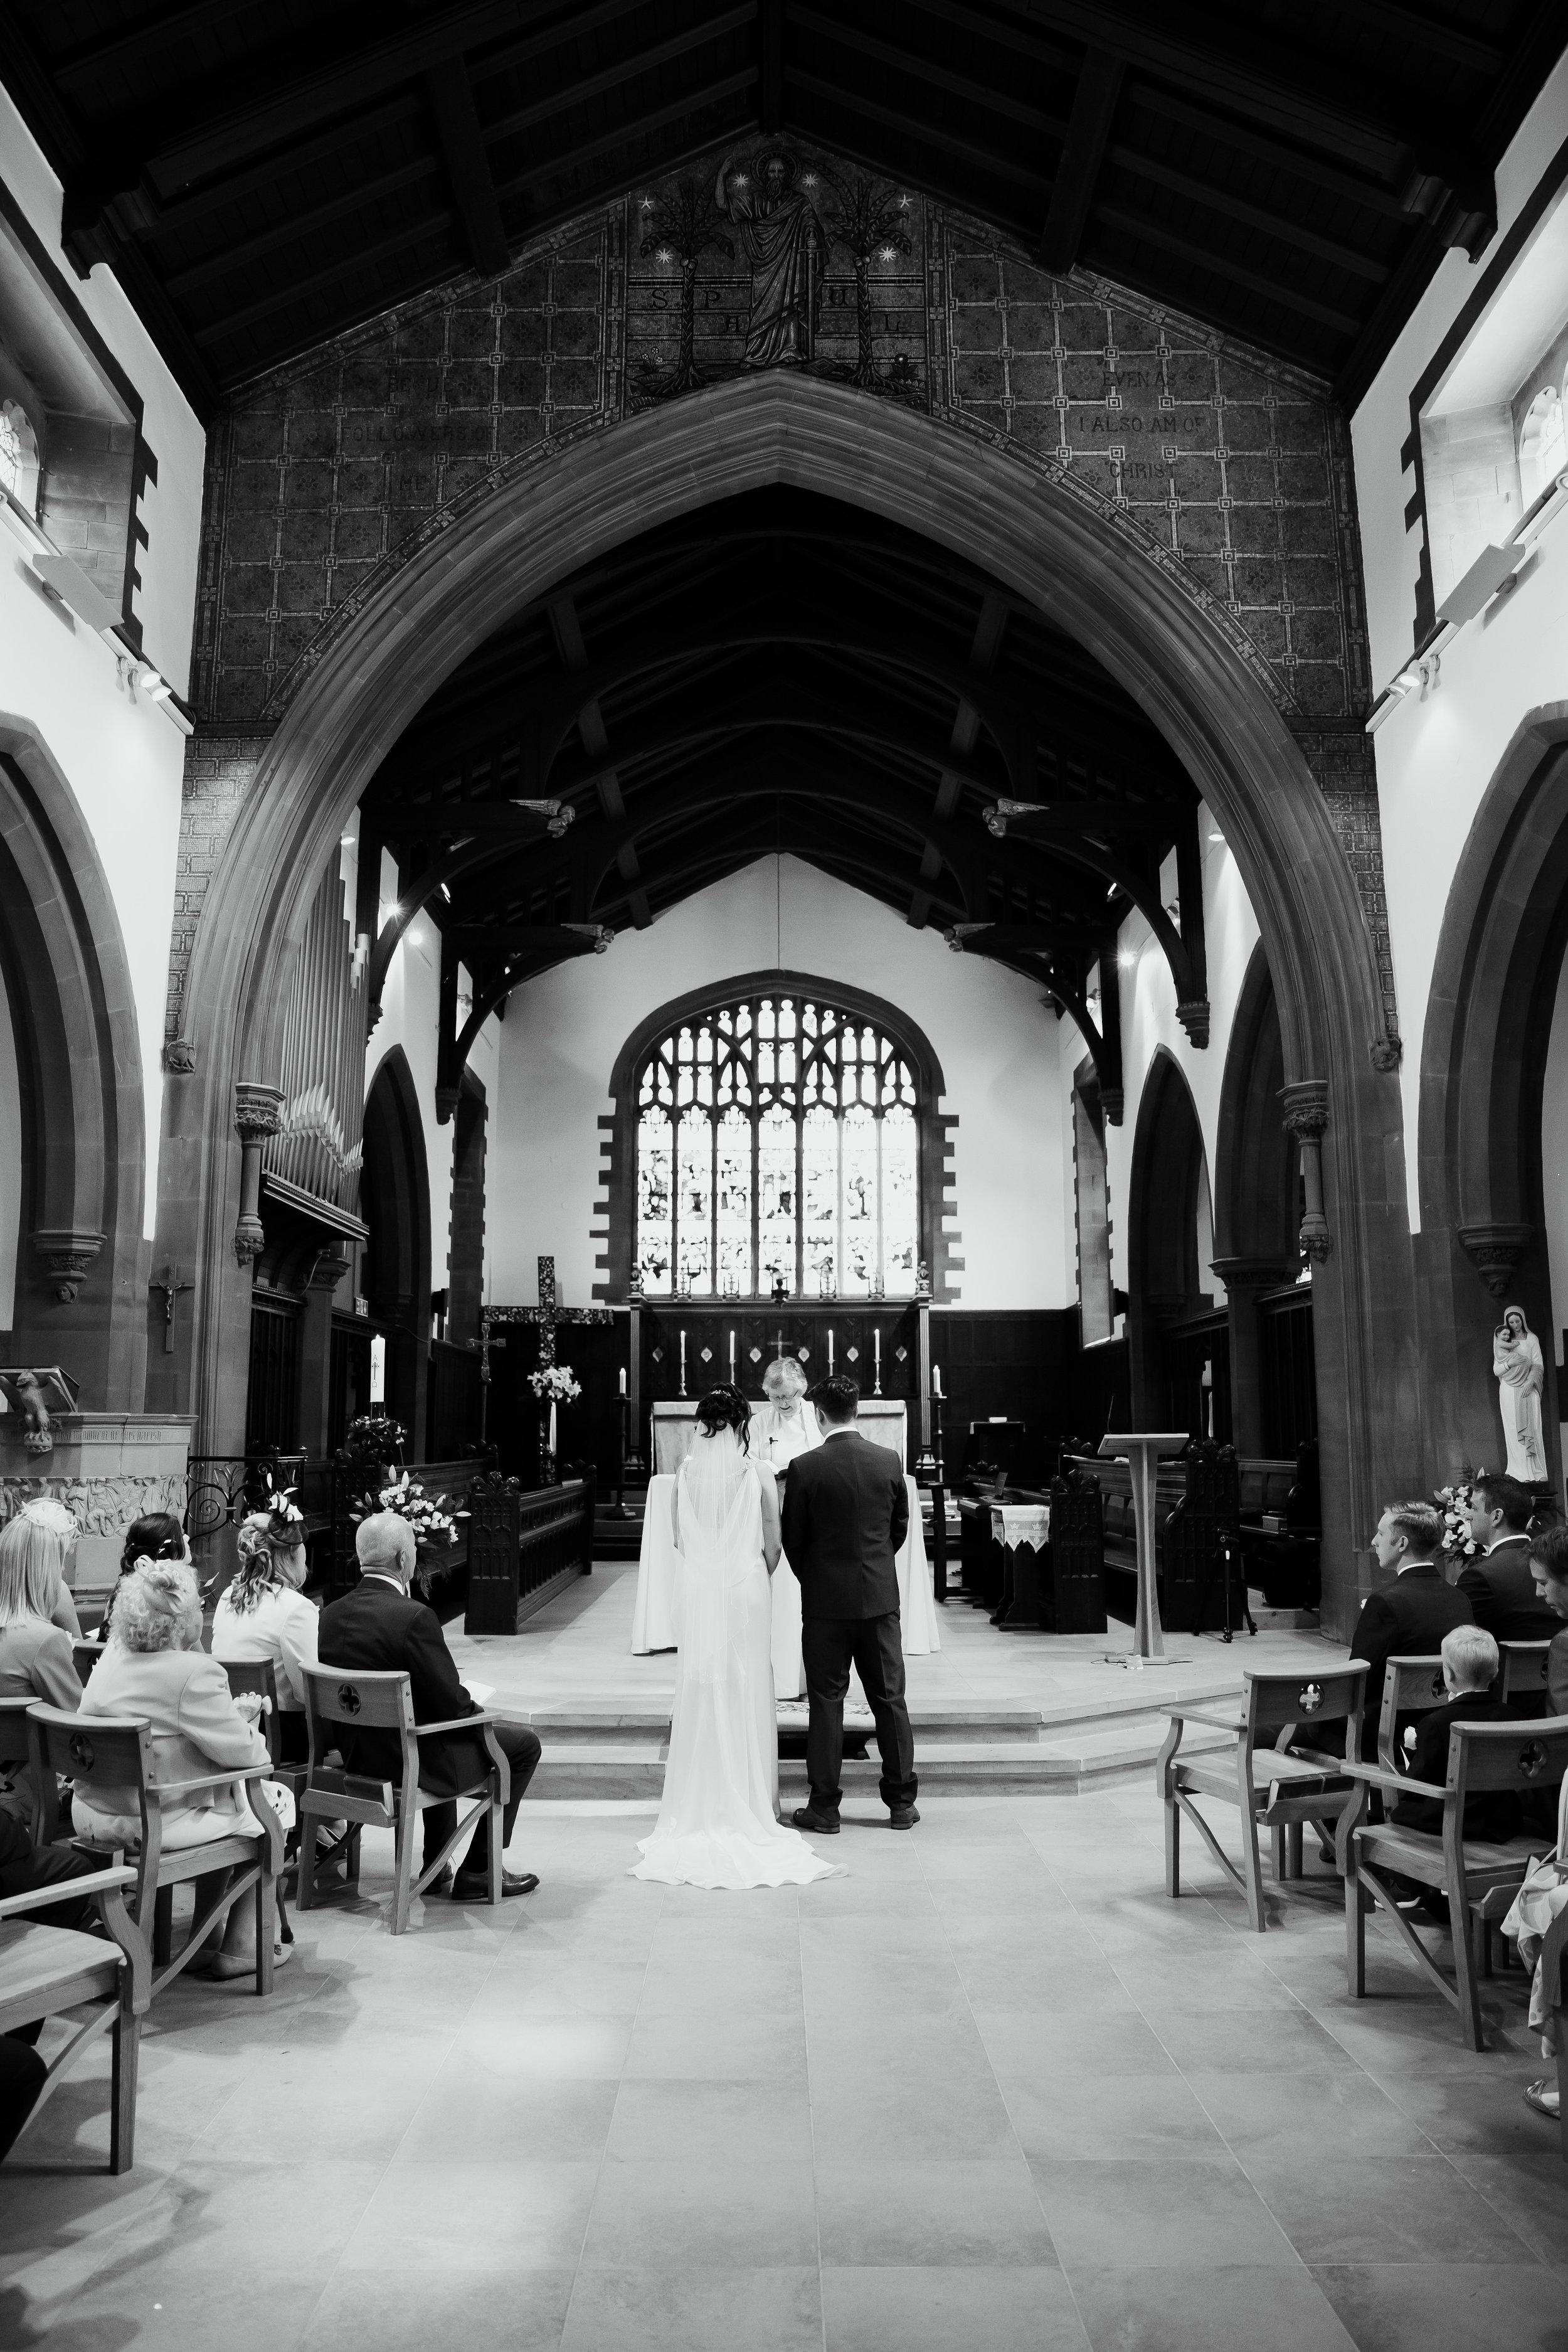 Wedding Ceremony in church in Leeds